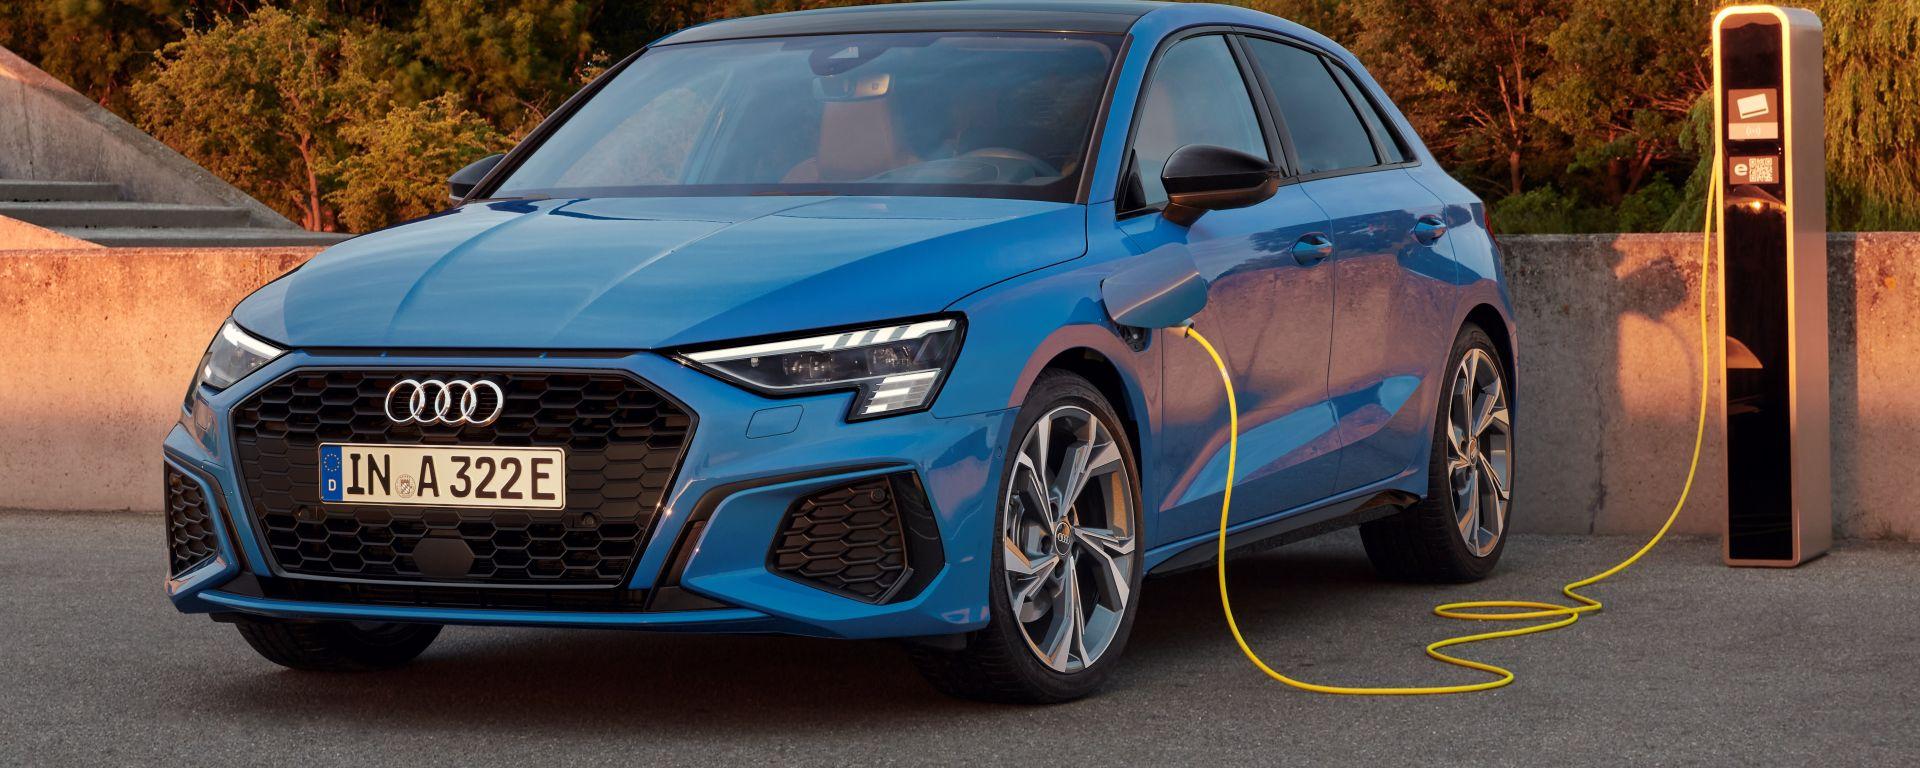 Audi A3 Sportback TFSI e, via alla prevendita di A3 plug-in